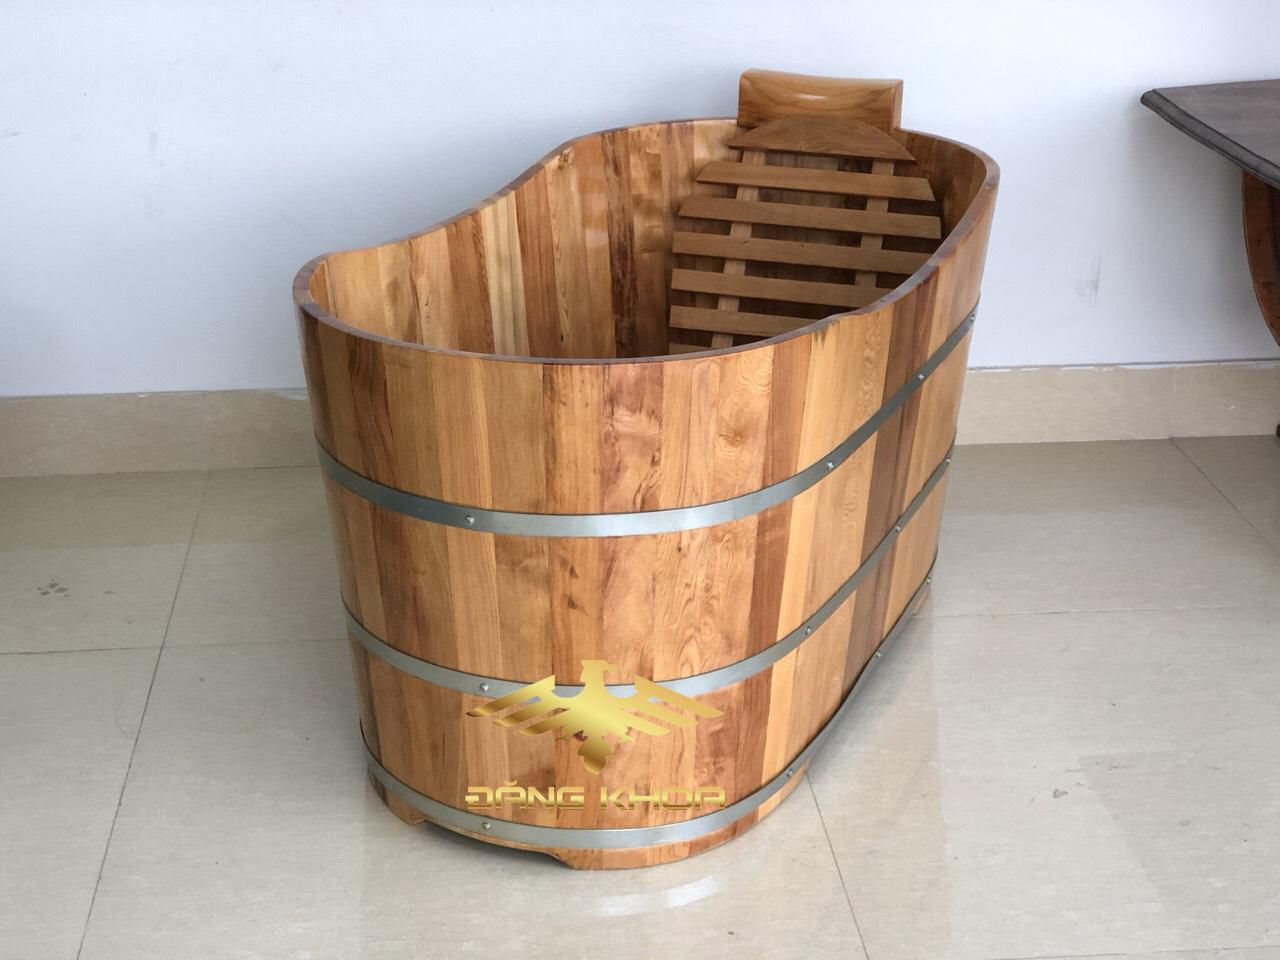 Hình ảnh thực về bồn tắm gỗ Oval